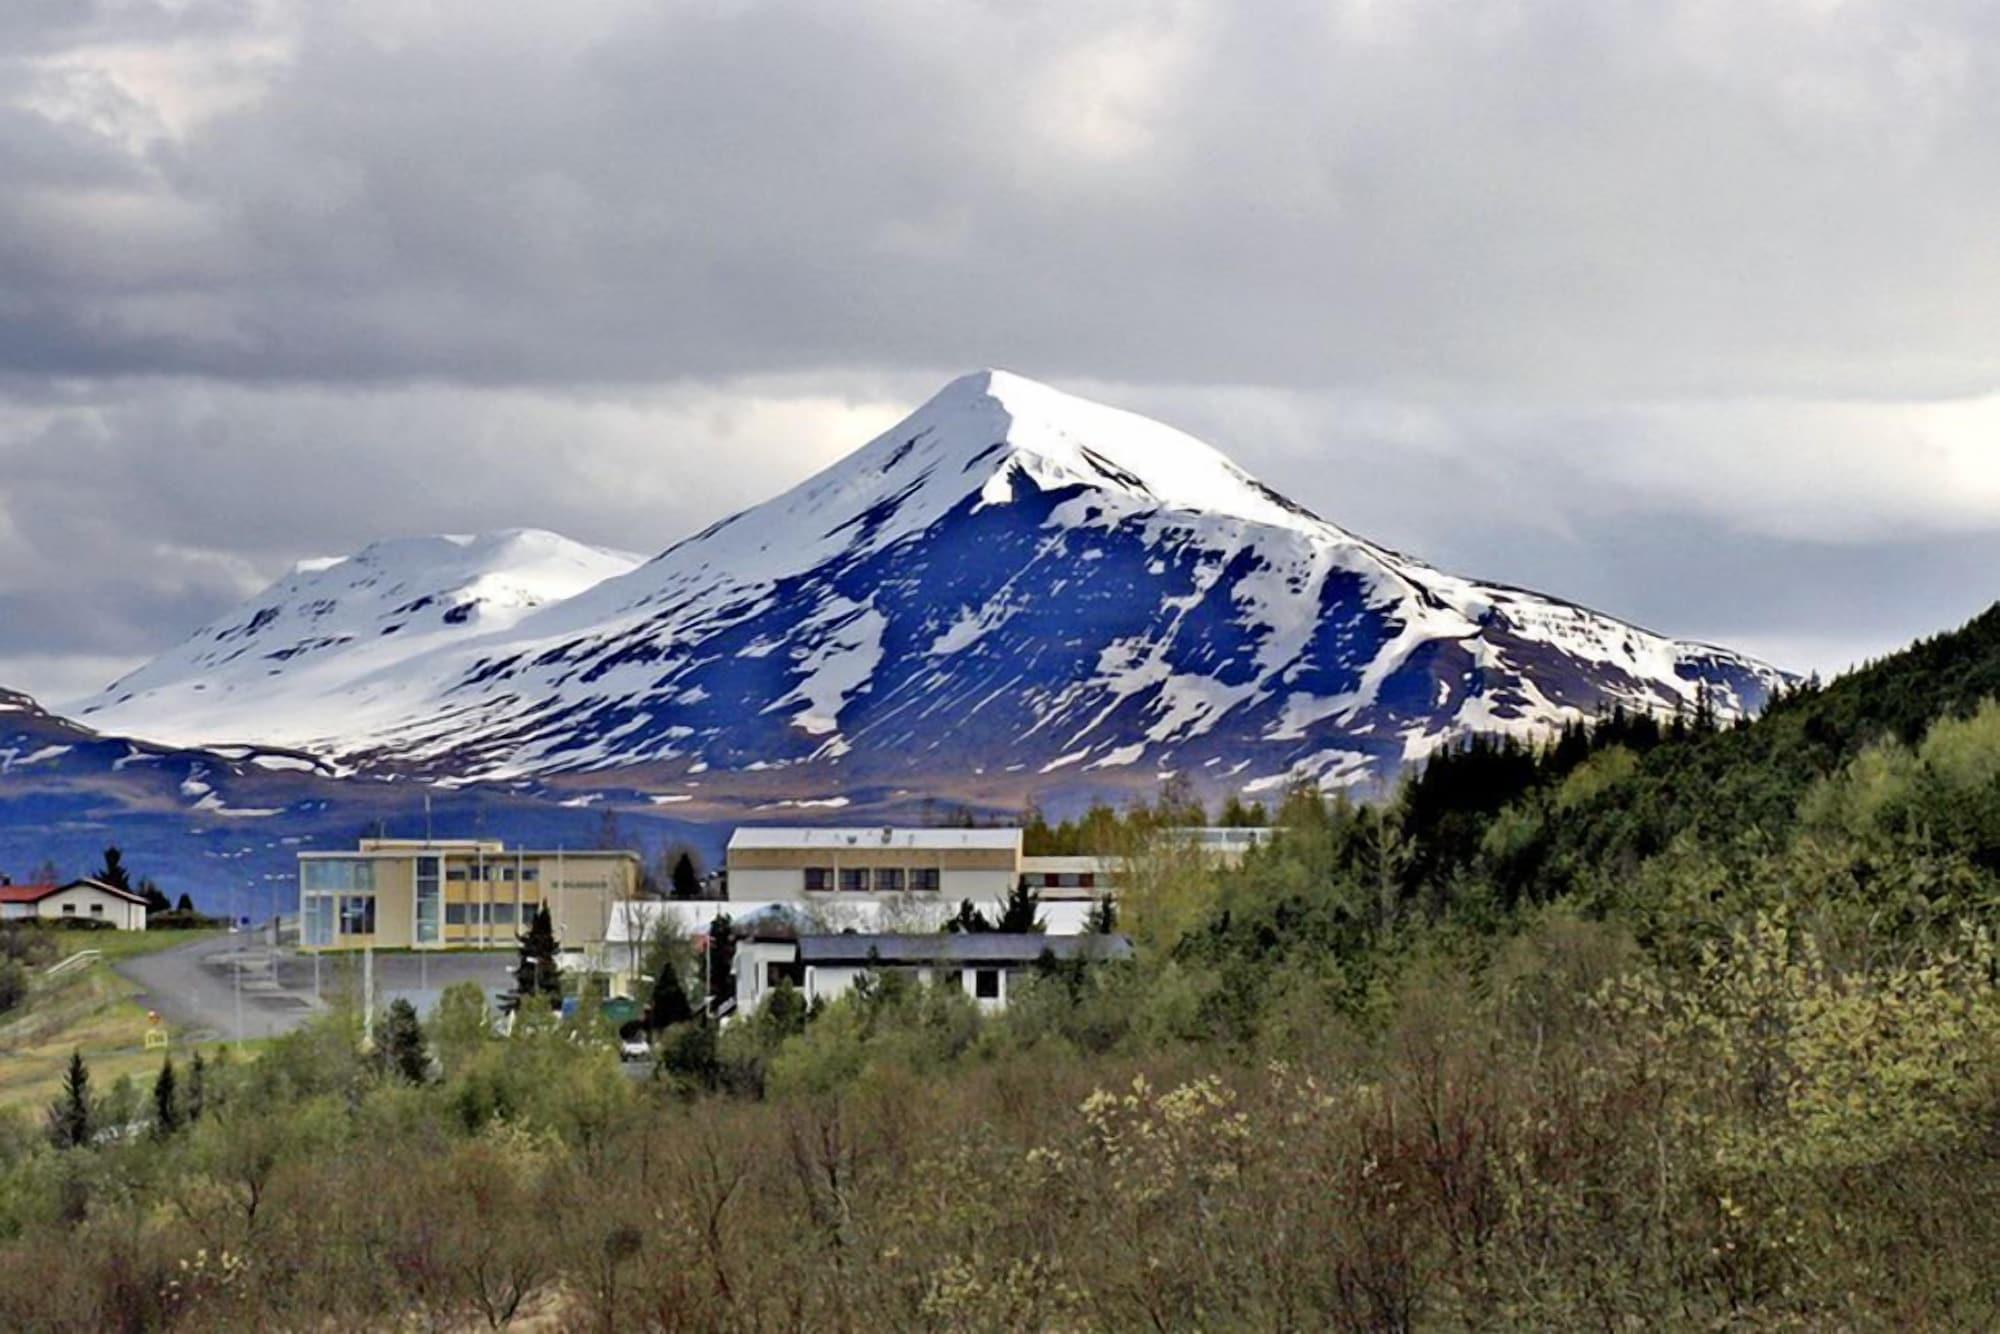 Hestasport Apartment, Sveitarfélagið Skagafjörður